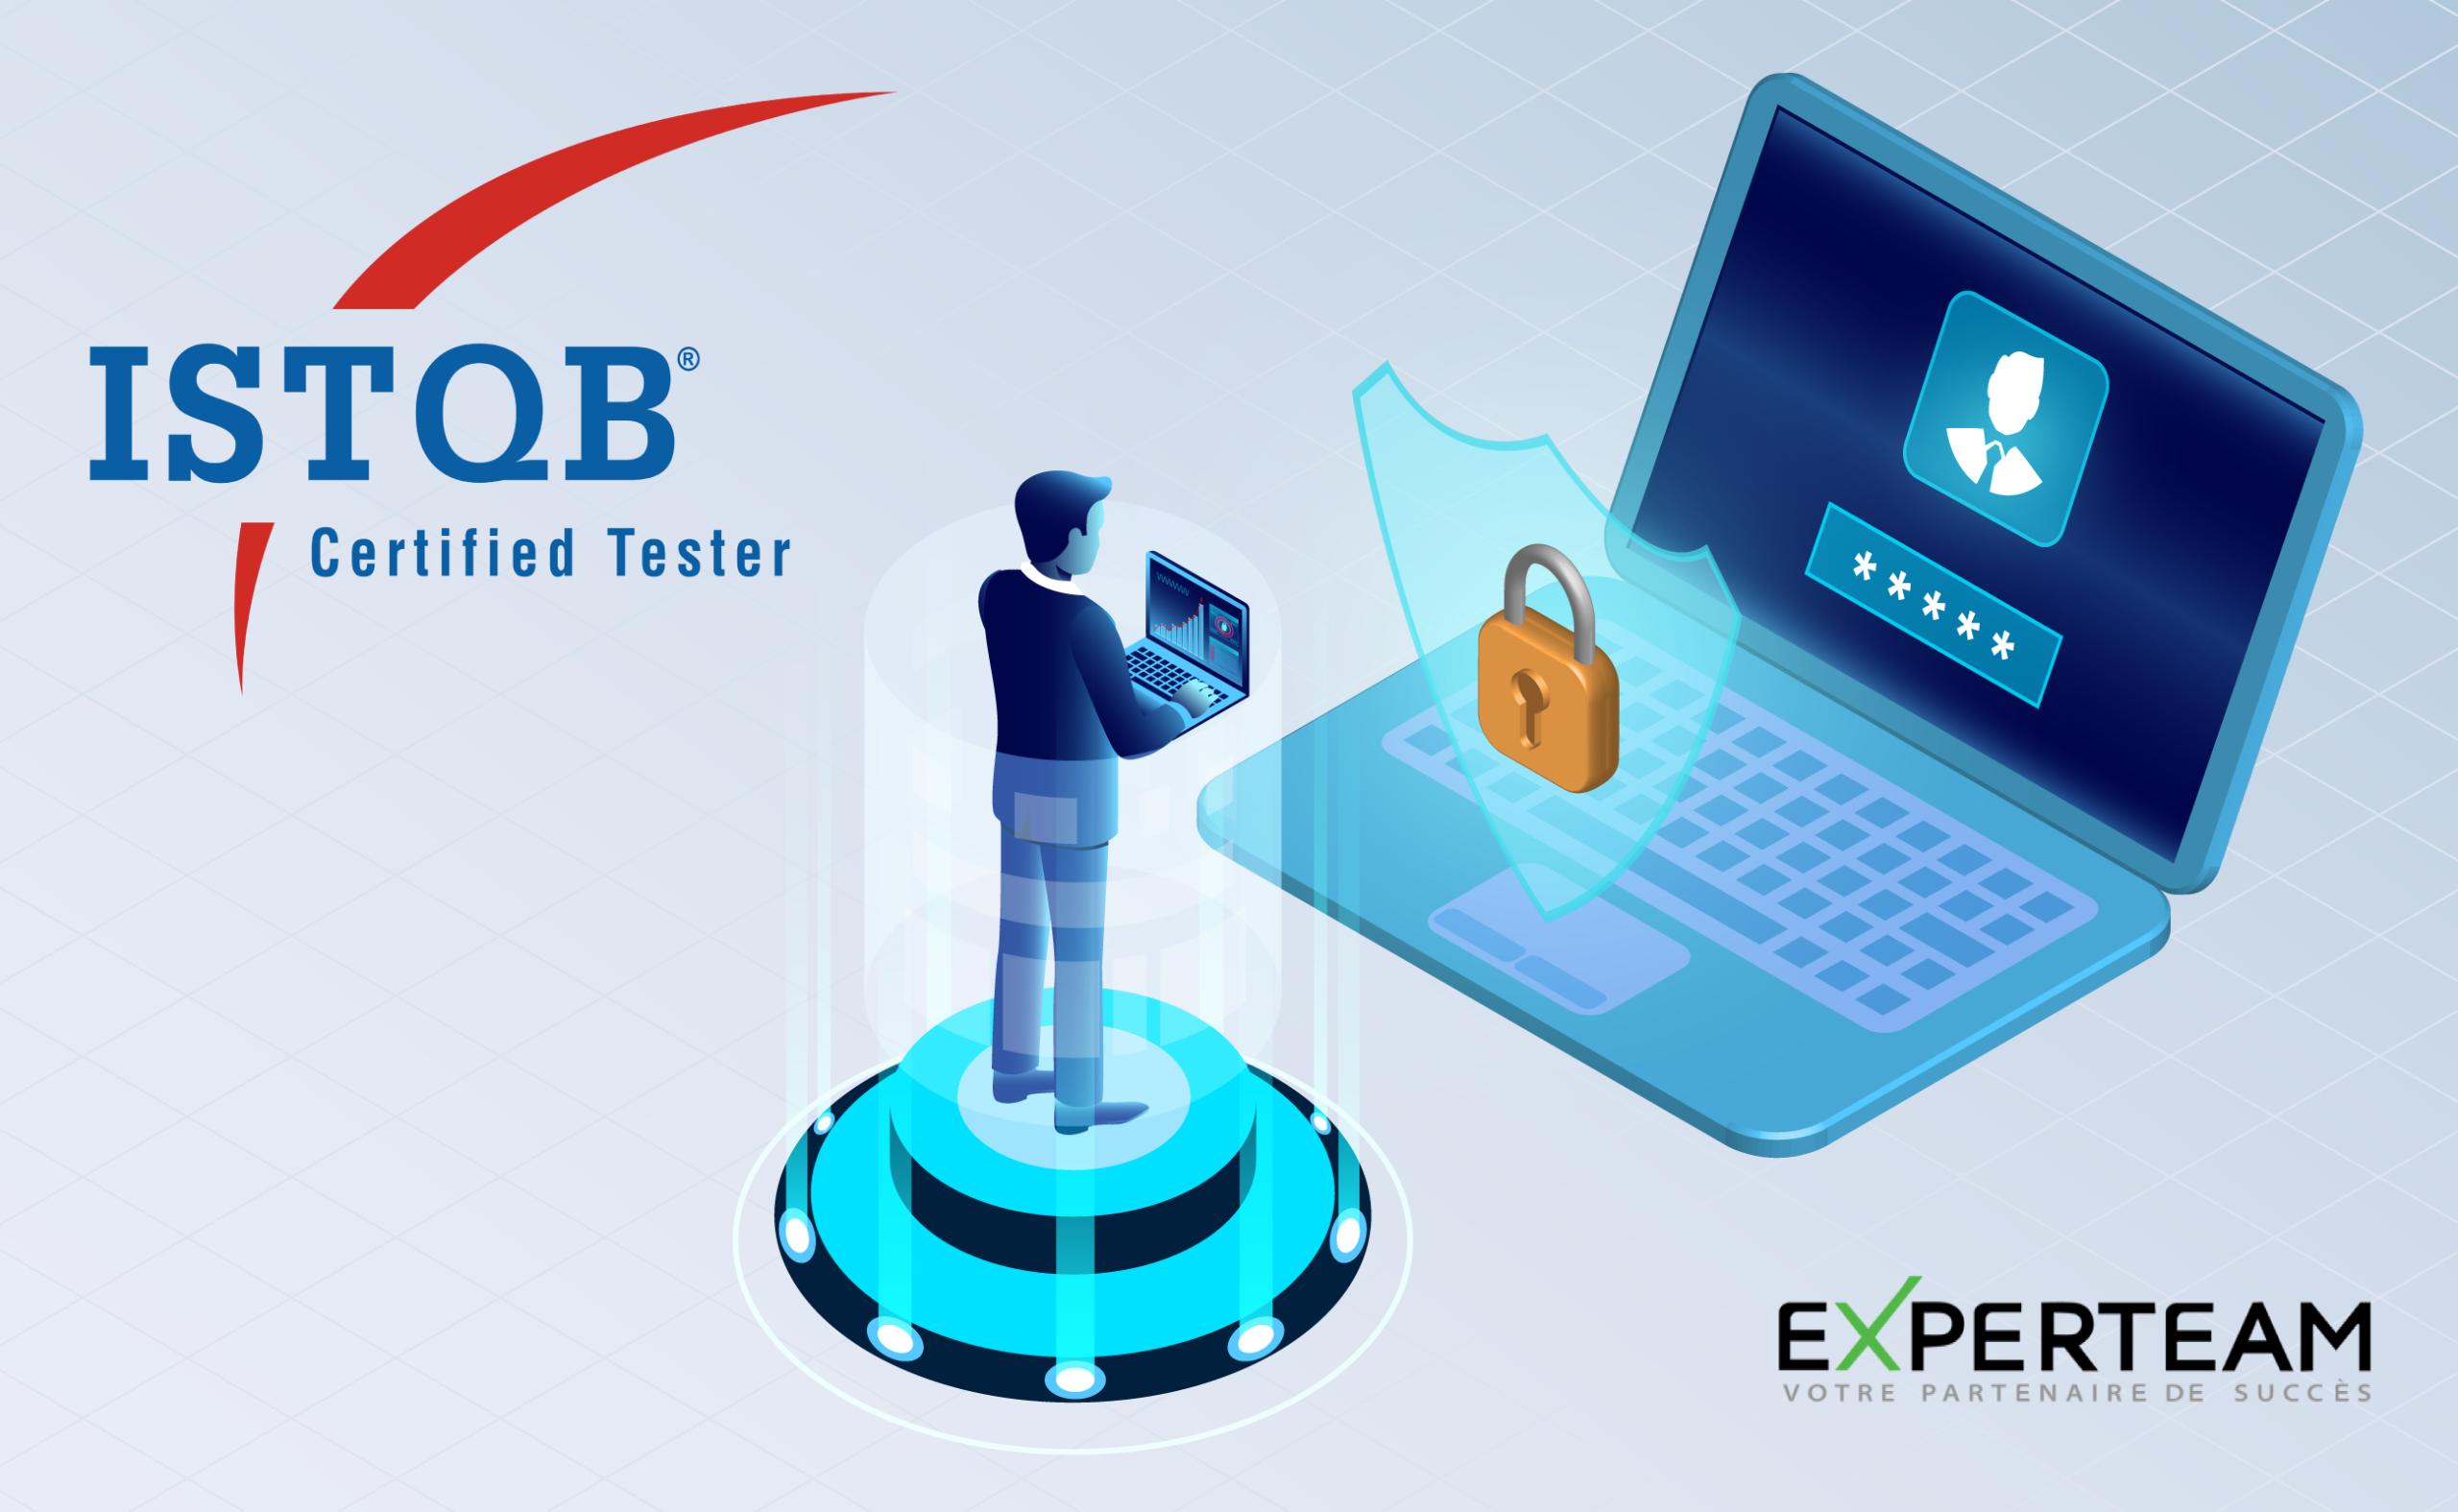 ISTQB testeur sécurité